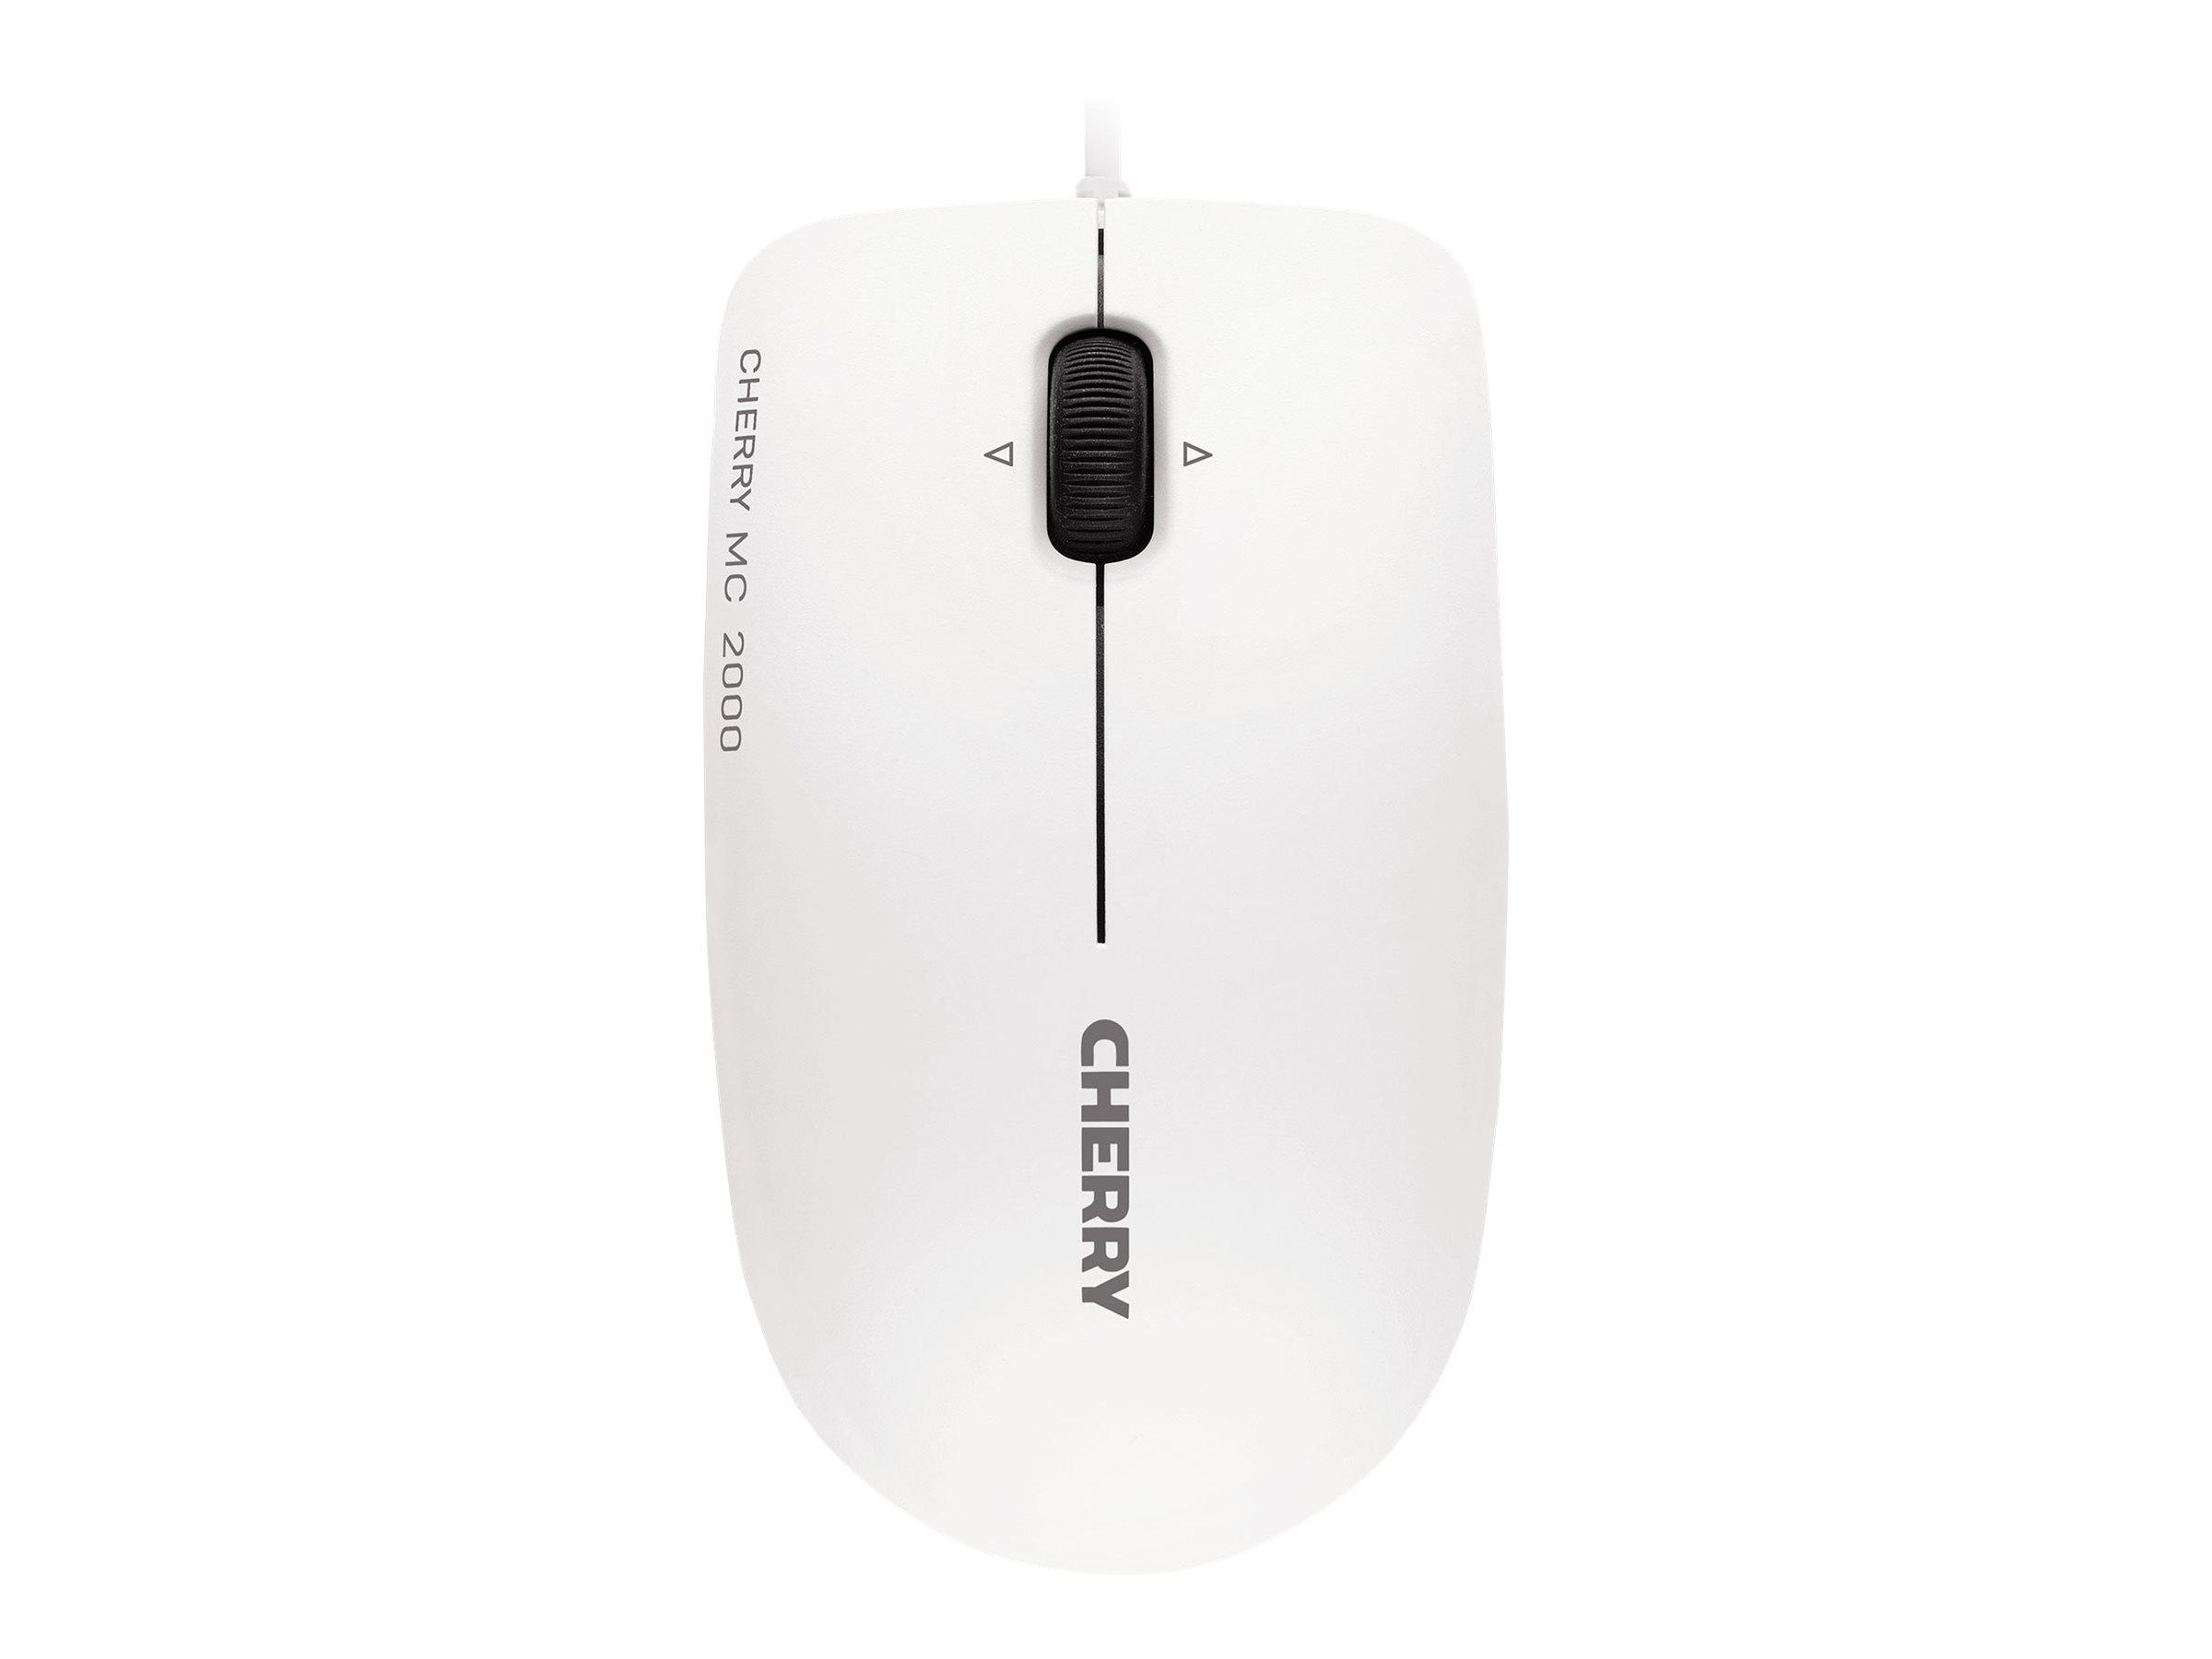 CHERRY MC 2000 - Maus - rechts- und linkshändig - Infrarot - 3 Tasten - kabelgebunden